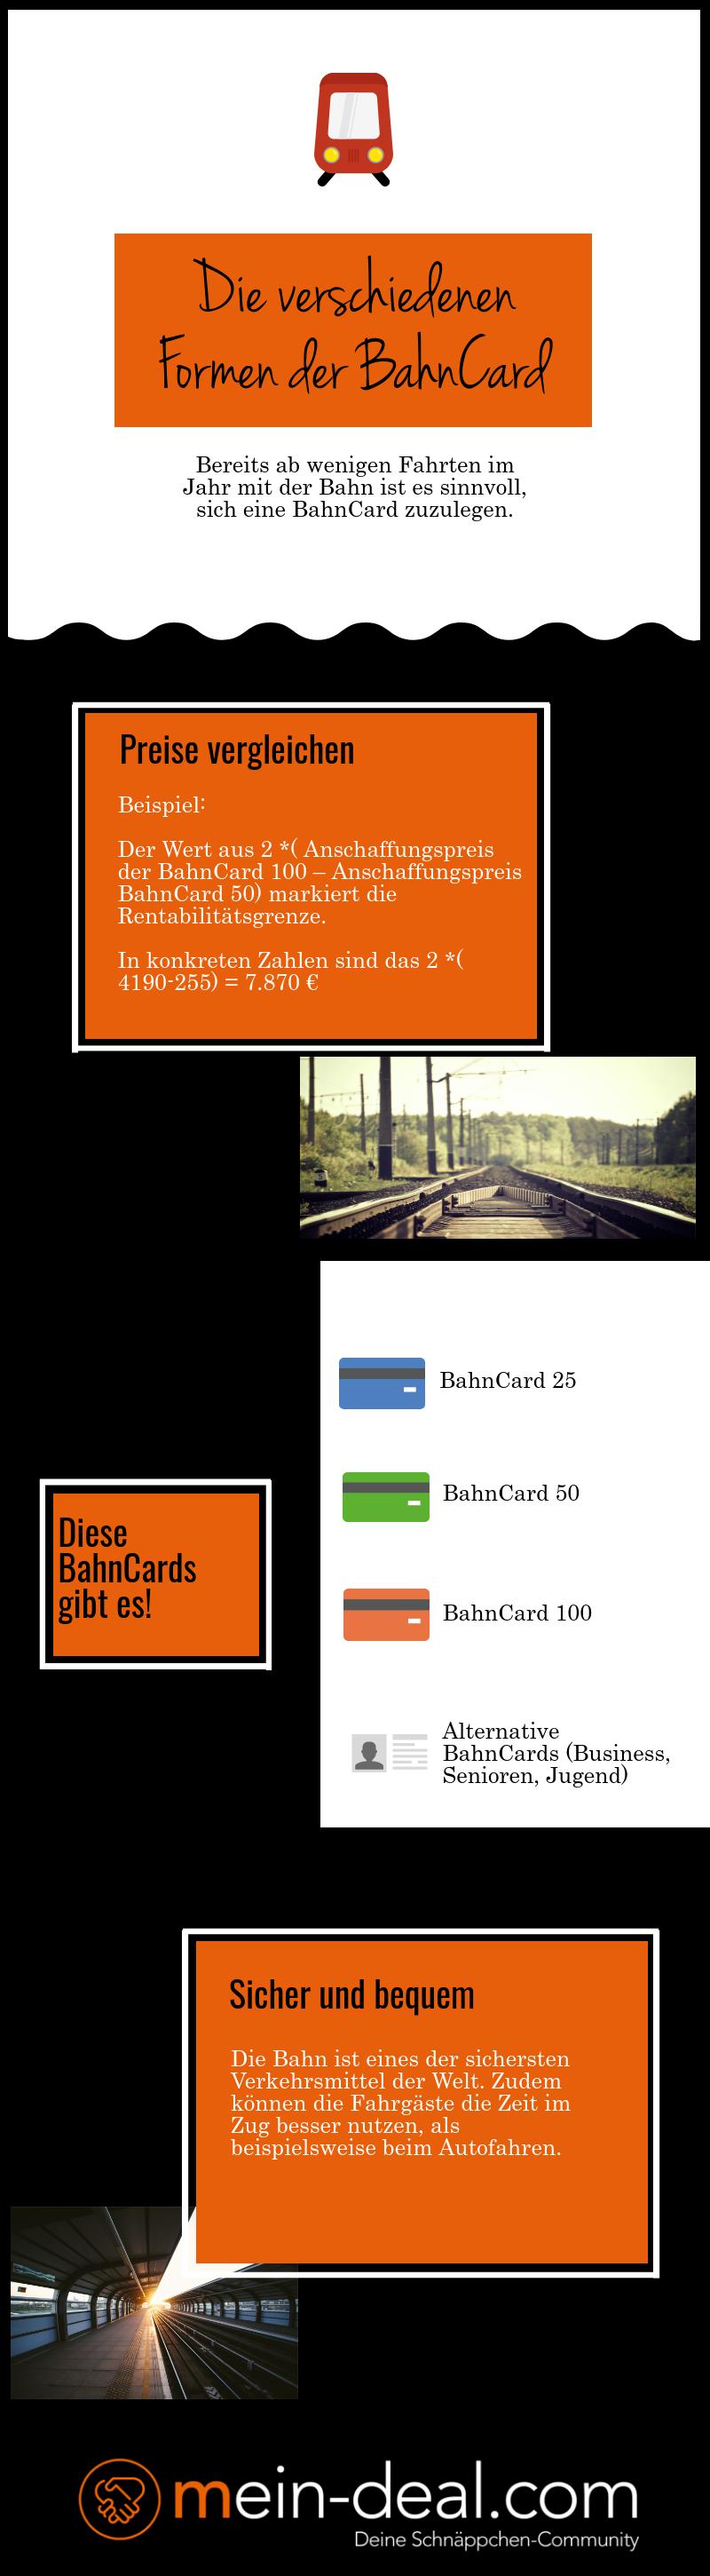 Mit der BahnCard kräftig sparen – So lohnt es sich richtig!